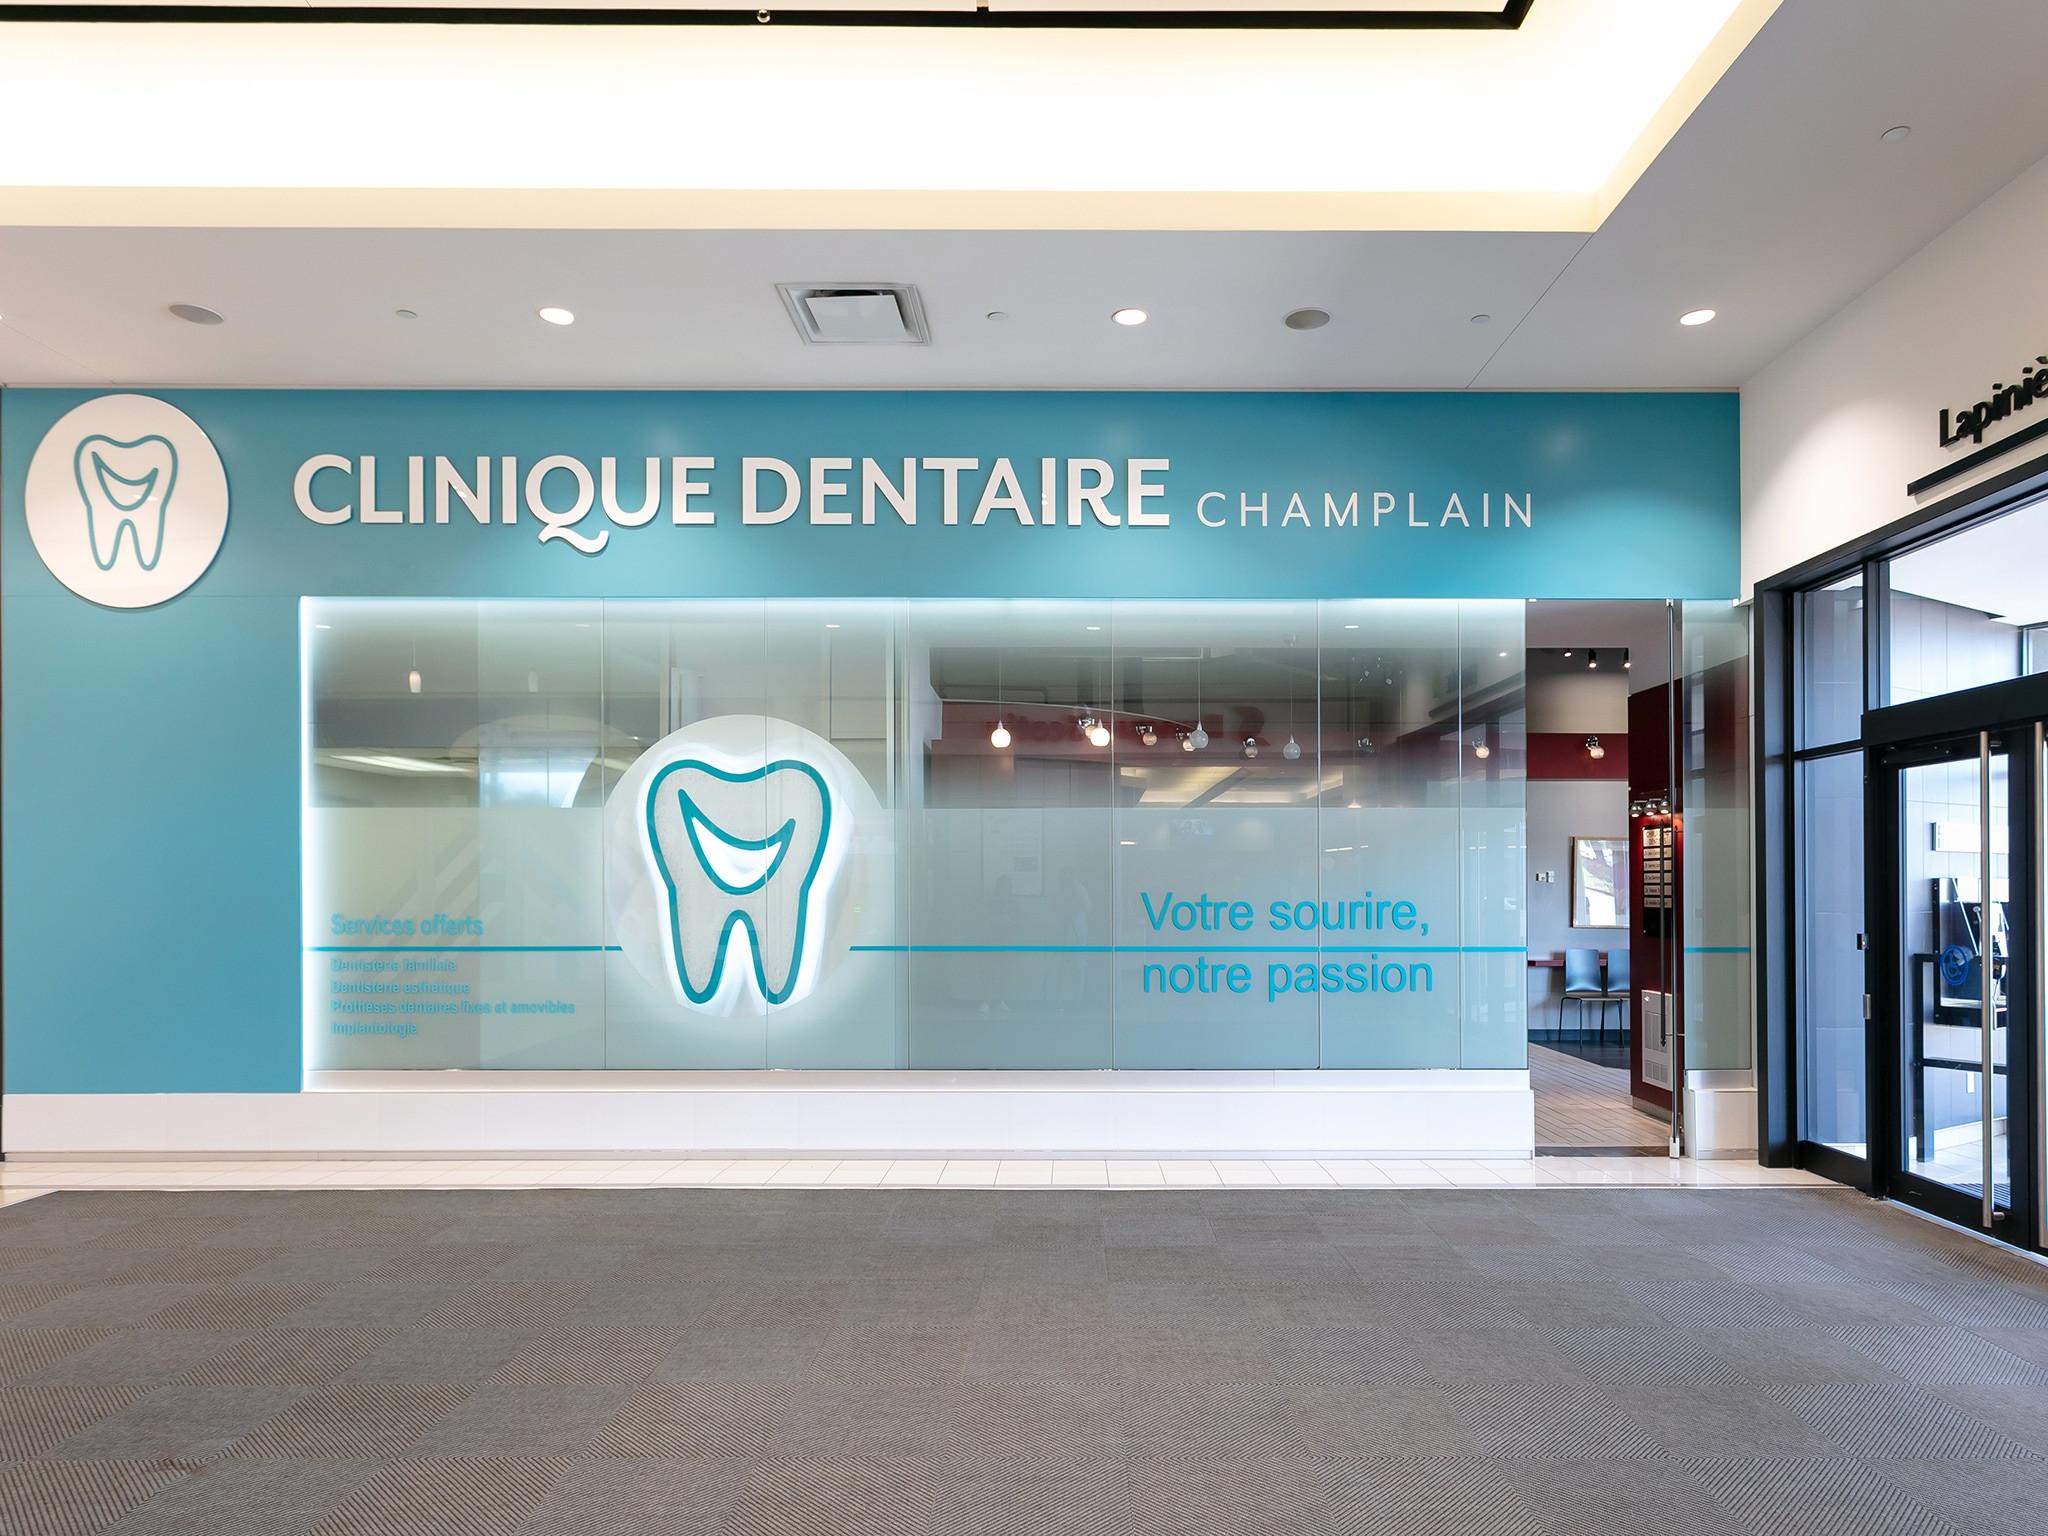 Clinique dentaire Champlain - Mail Champlain